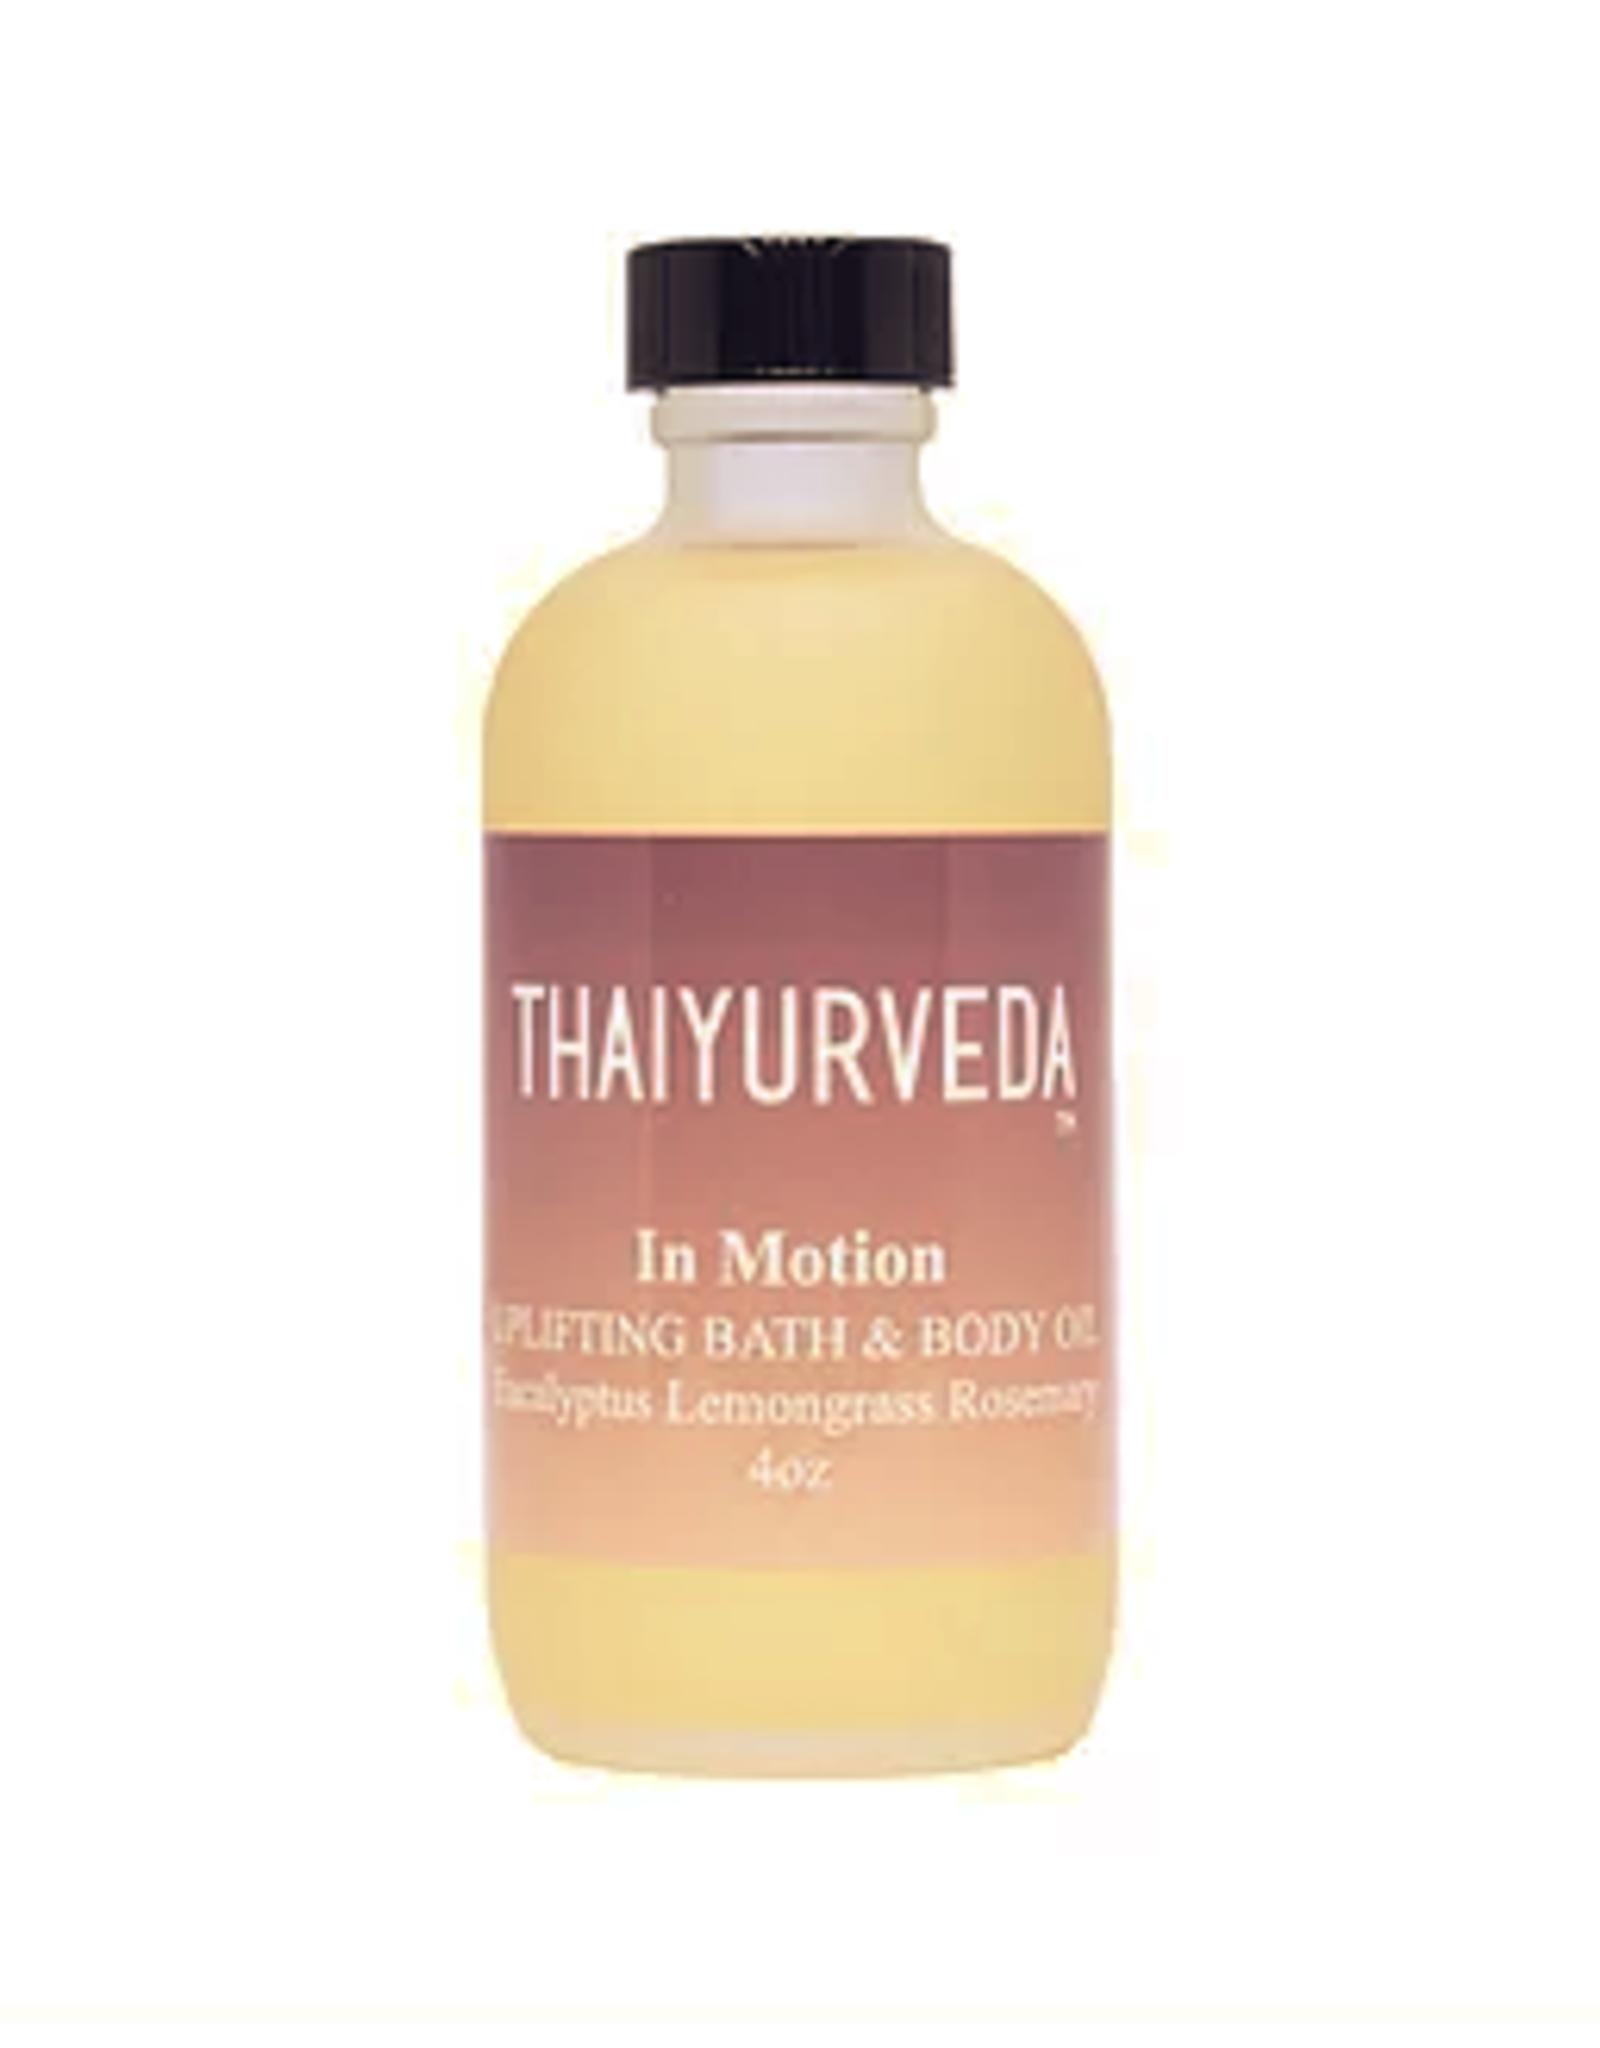 Thaiyurveda Thaiyurveda Body Oil 4oz